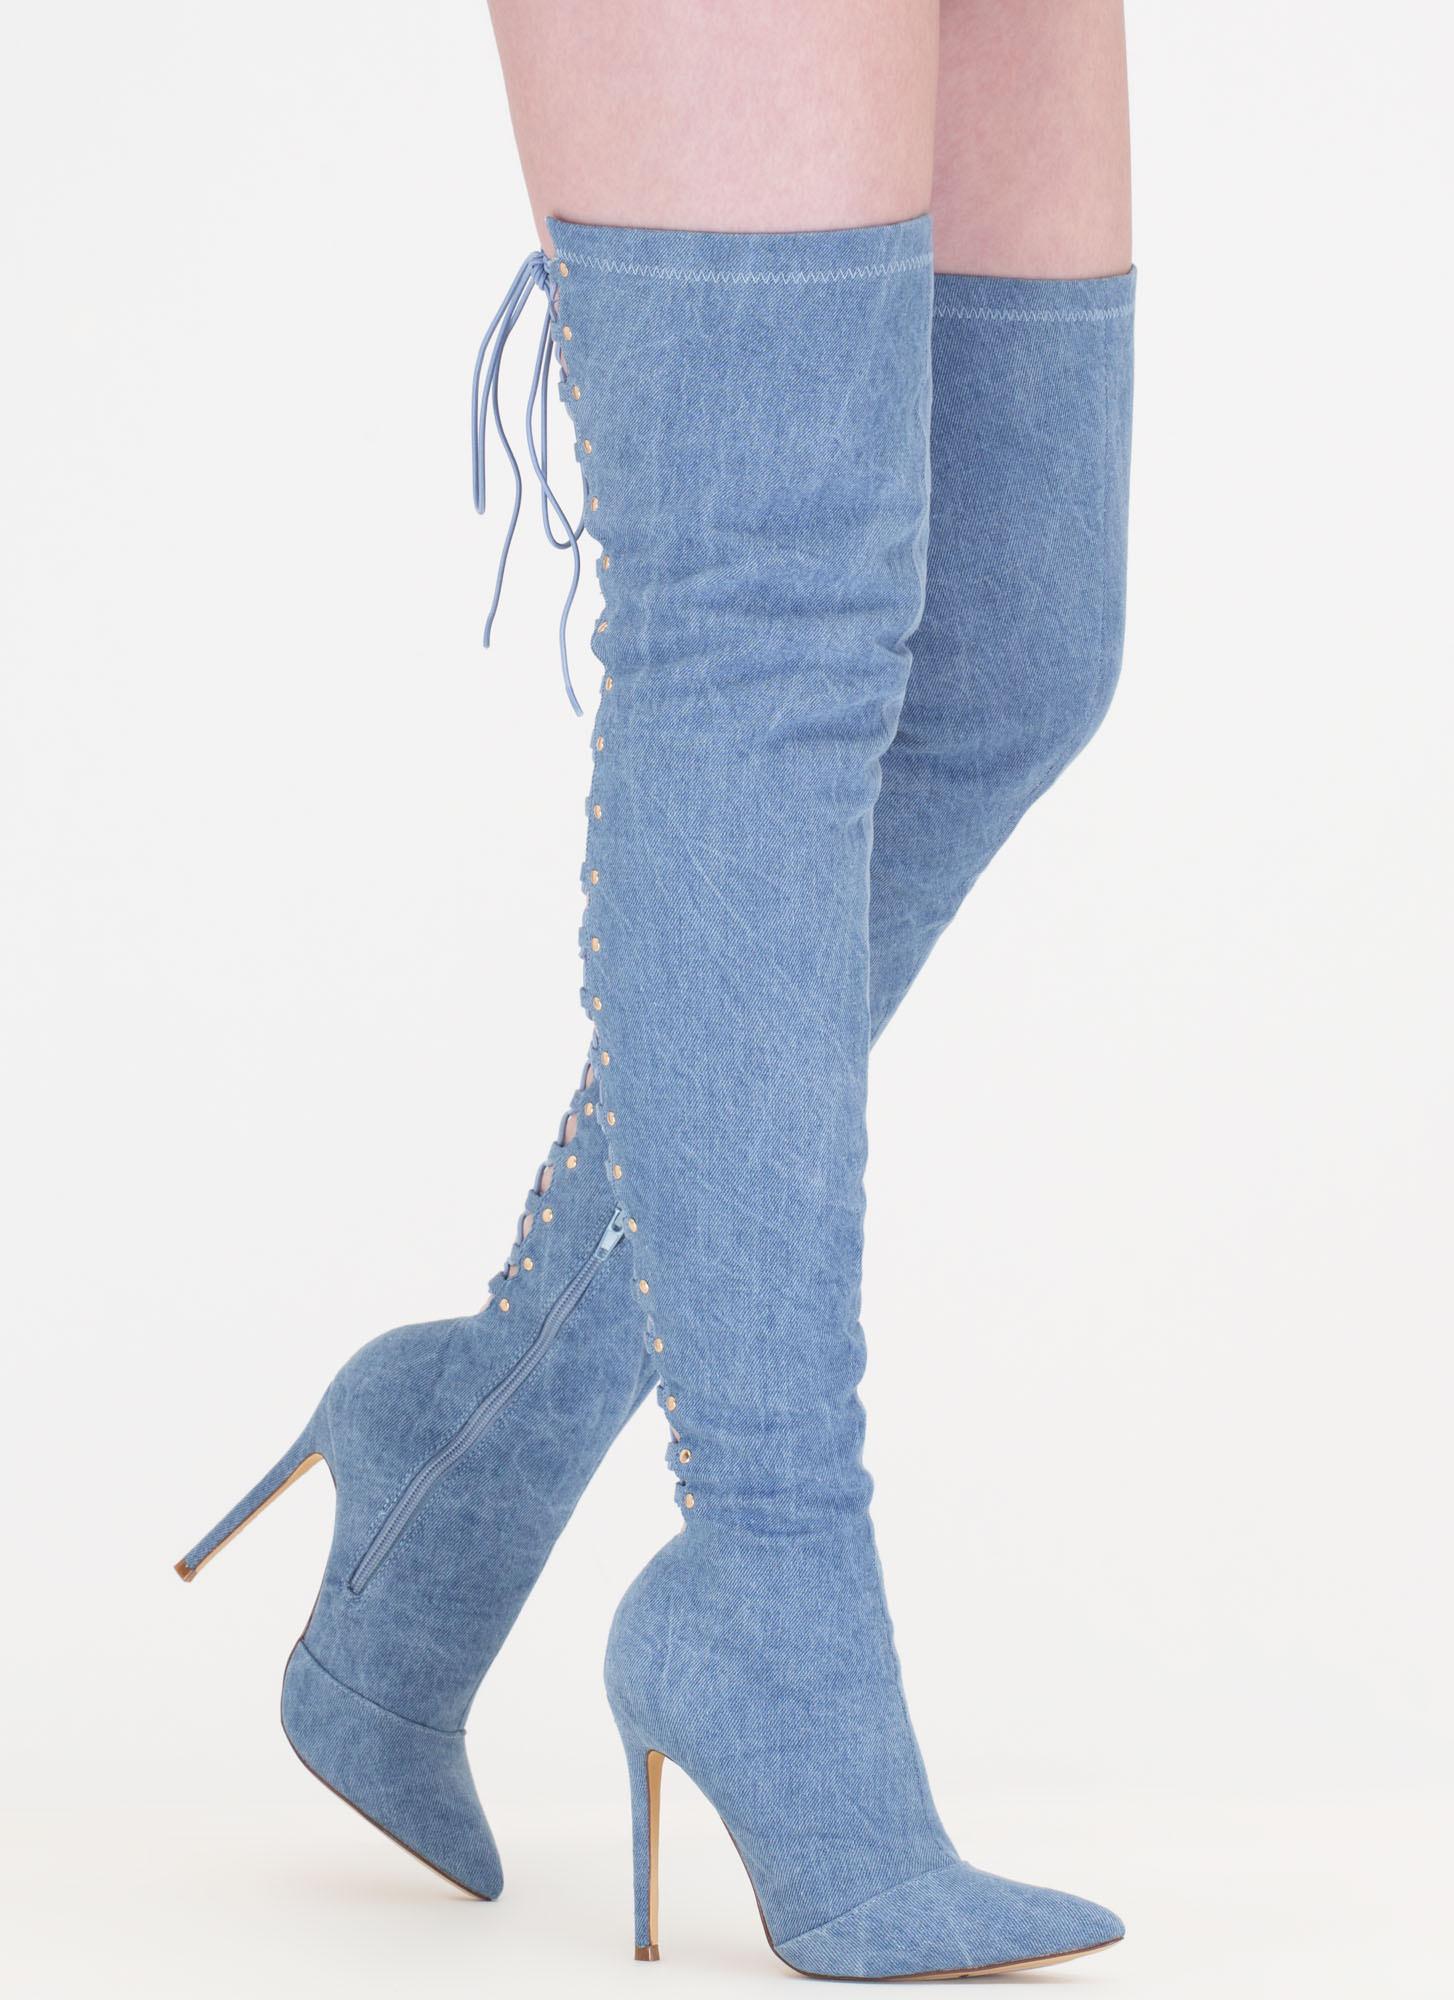 Back Fever Denim Thigh-High Boots DENIM - GoJane.com